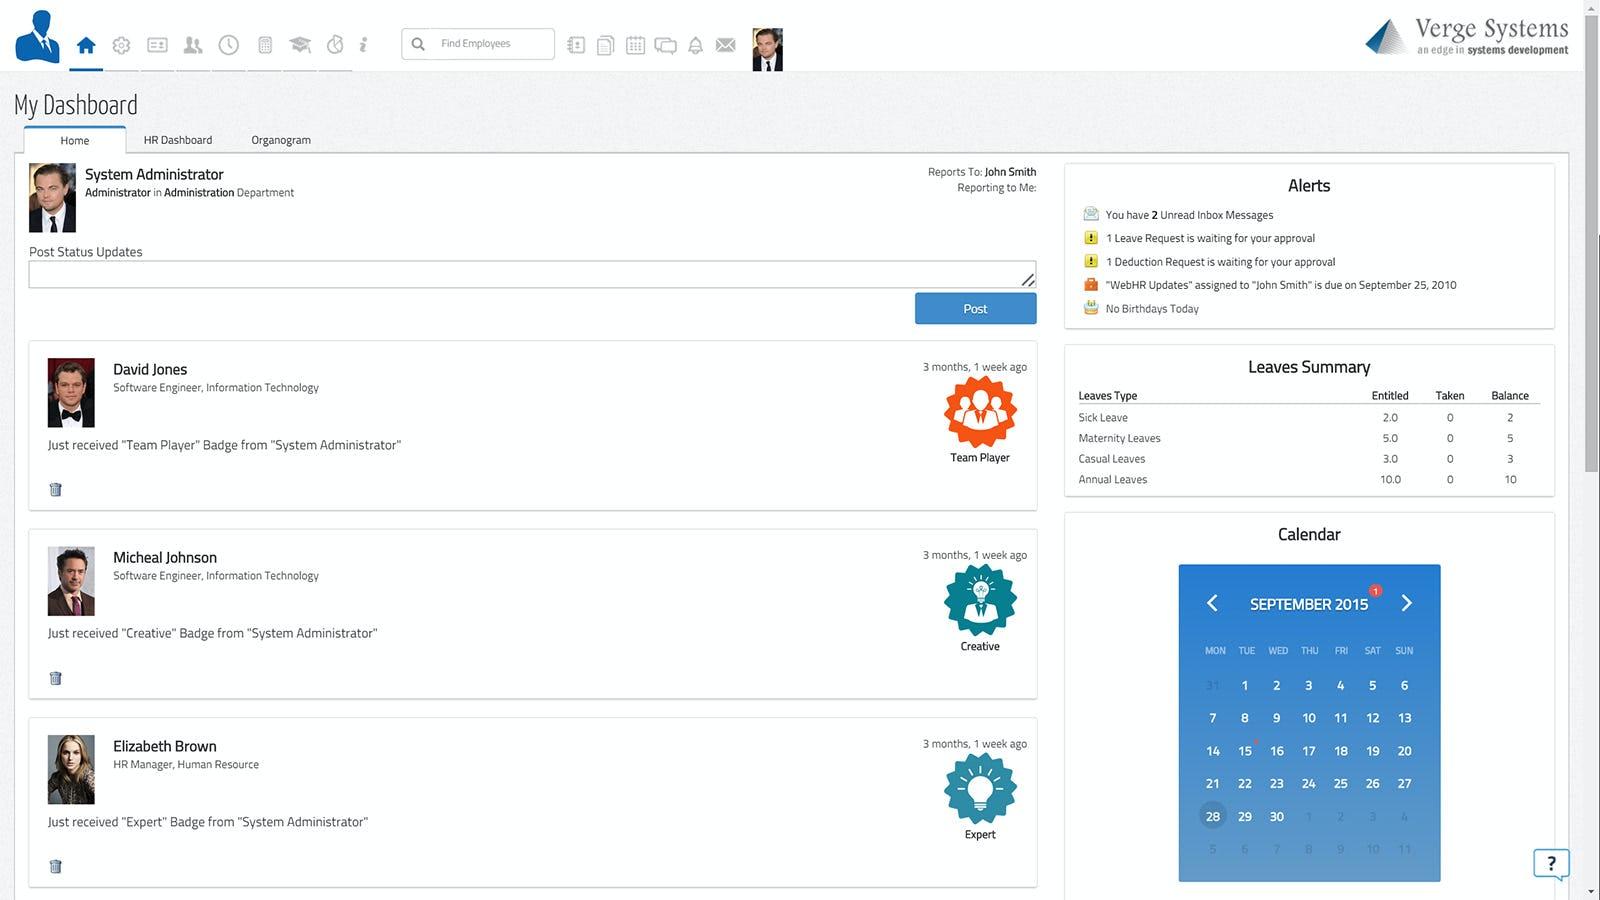 WebHR Software - My Dashboard